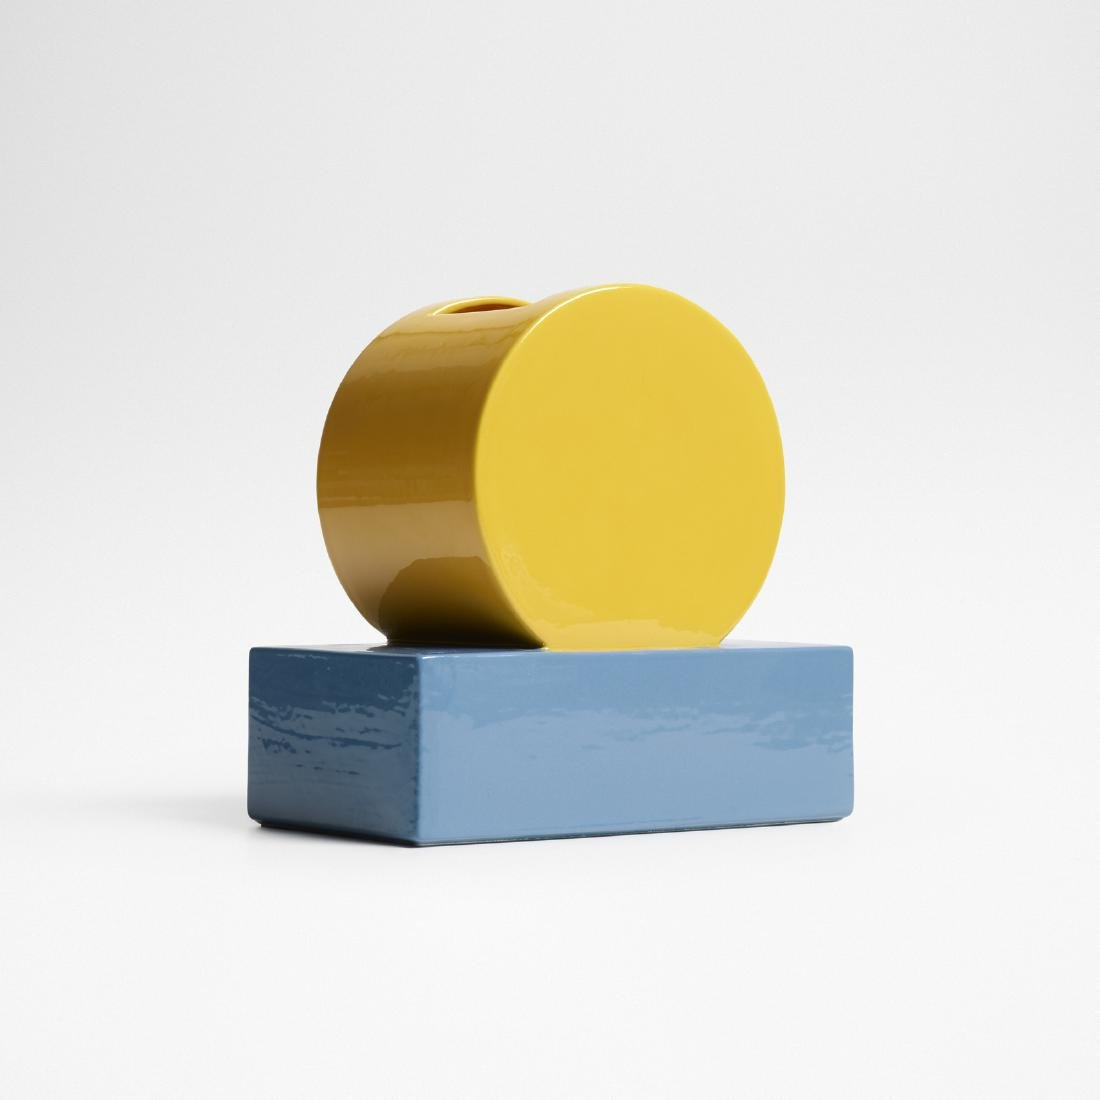 Ettore Sottsass, Yang vase, Pop series, model 455